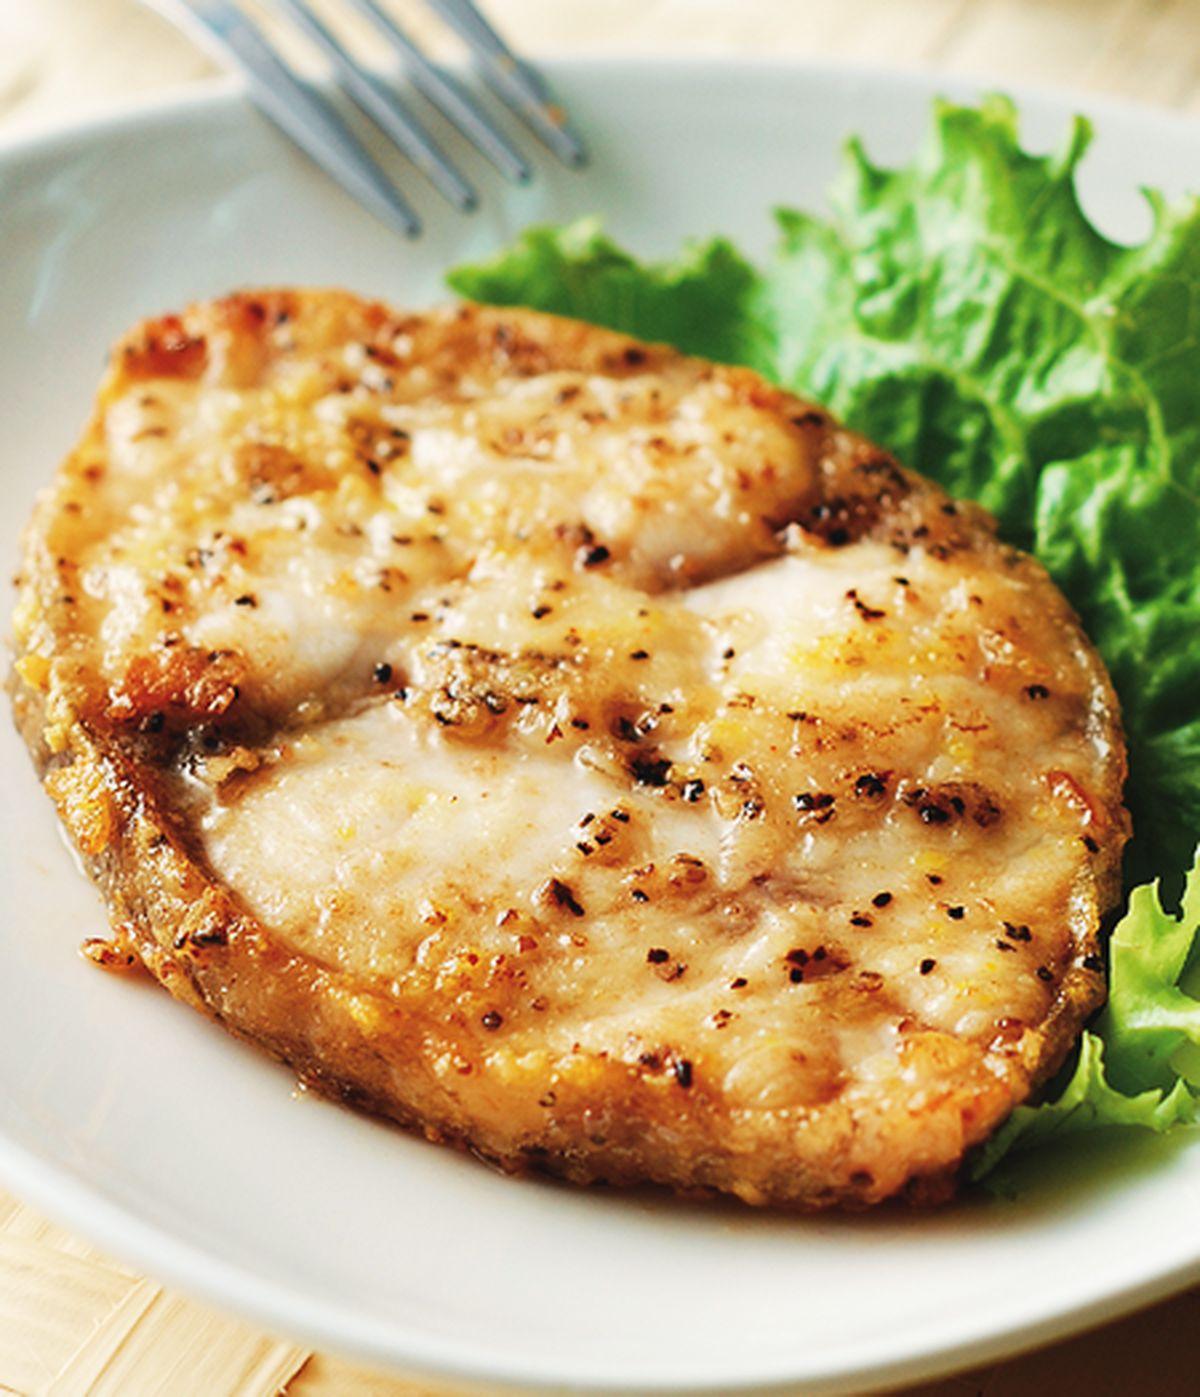 食譜:乾煎鱈魚(1)